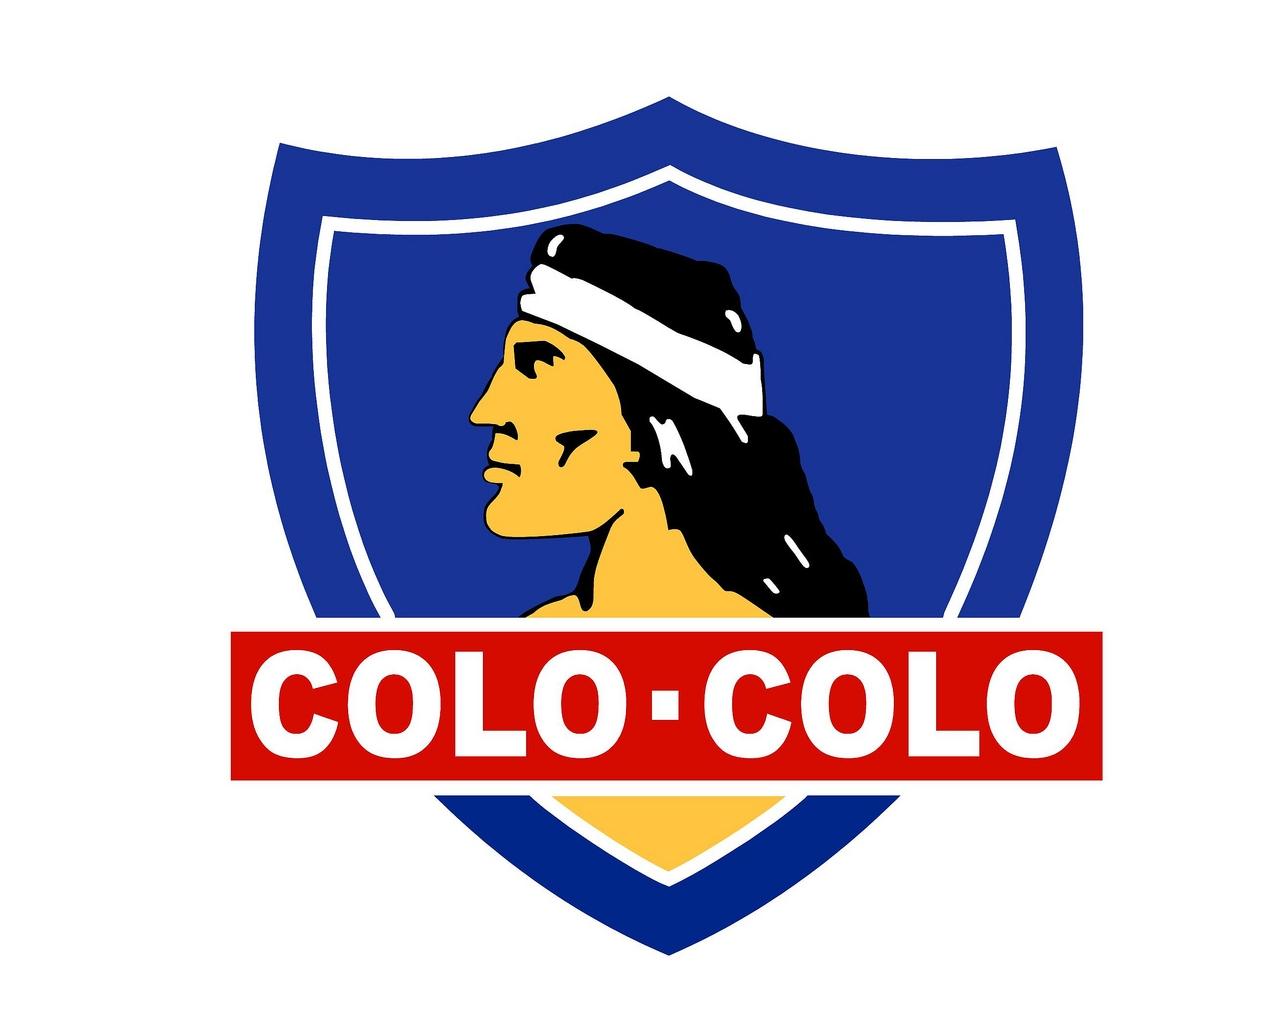 Equipo De Deporte Doodle Fondo Transparente: Fútbol Y Pasiones Políticas: El Club Deportivo Colo Colo